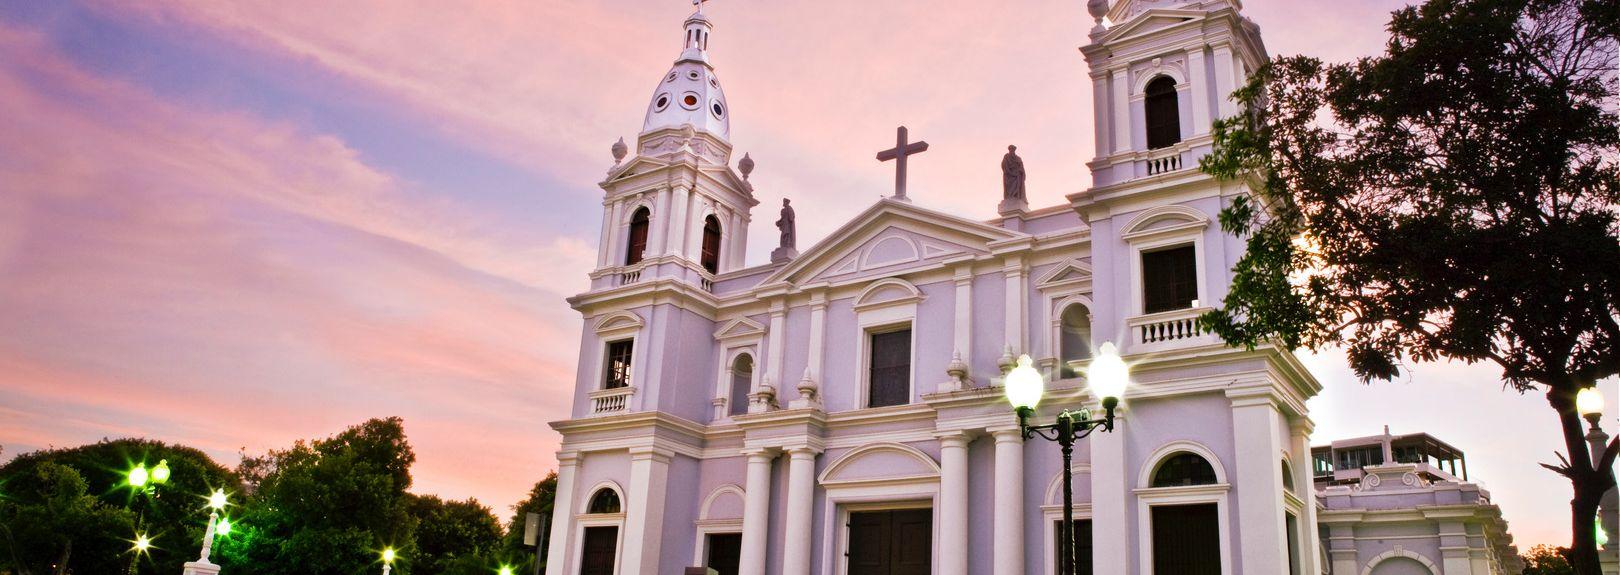 La Guancha, Ponce, Puerto Rico